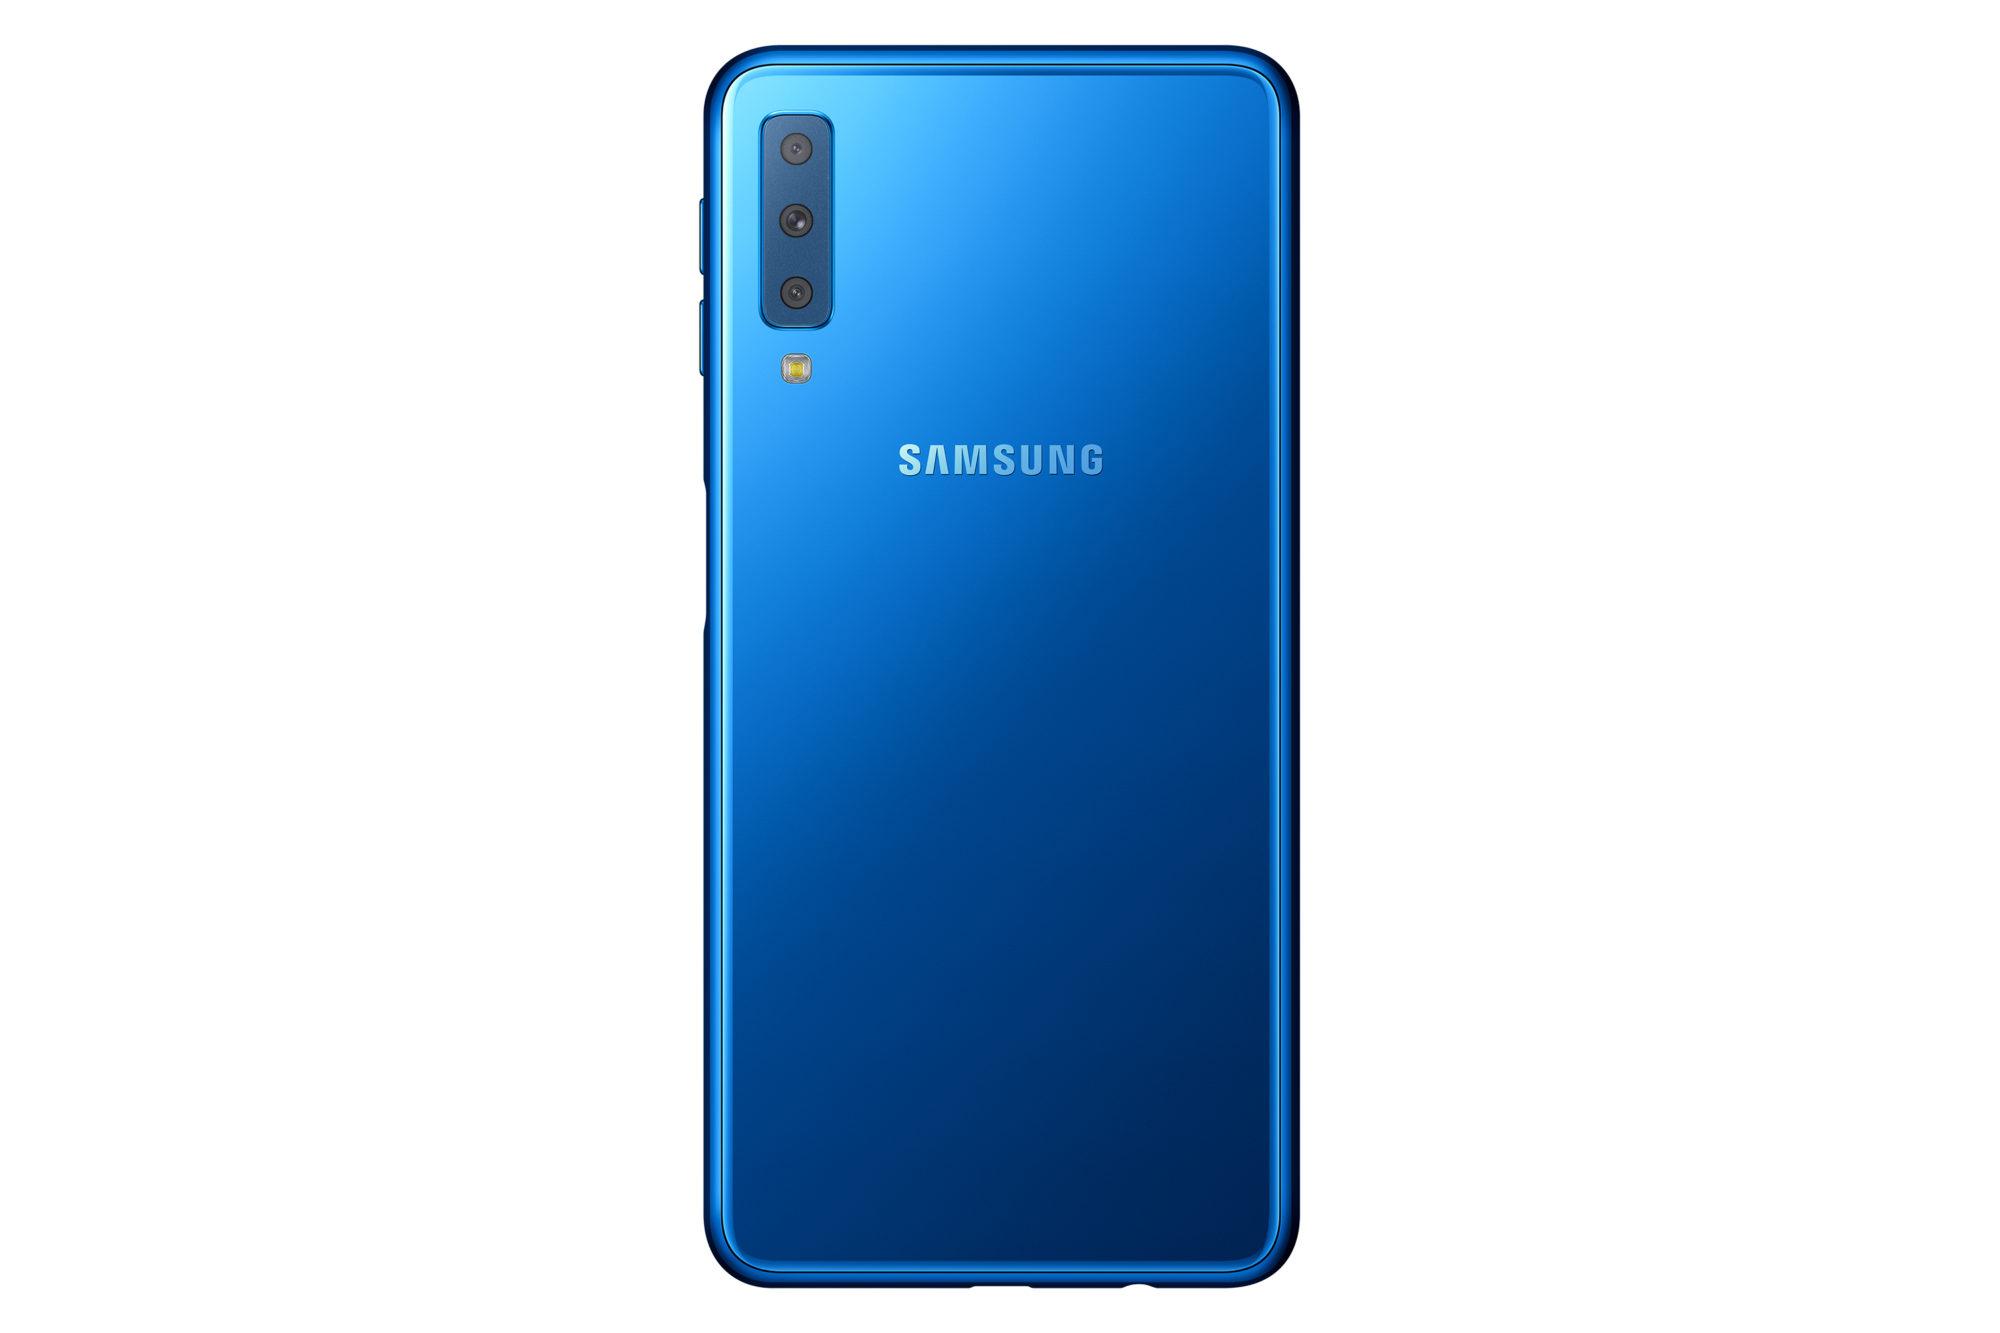 Galaxy A7 Samsungs Erstes Smartphone Mit Drei Hauptkameras Samsung Hinten